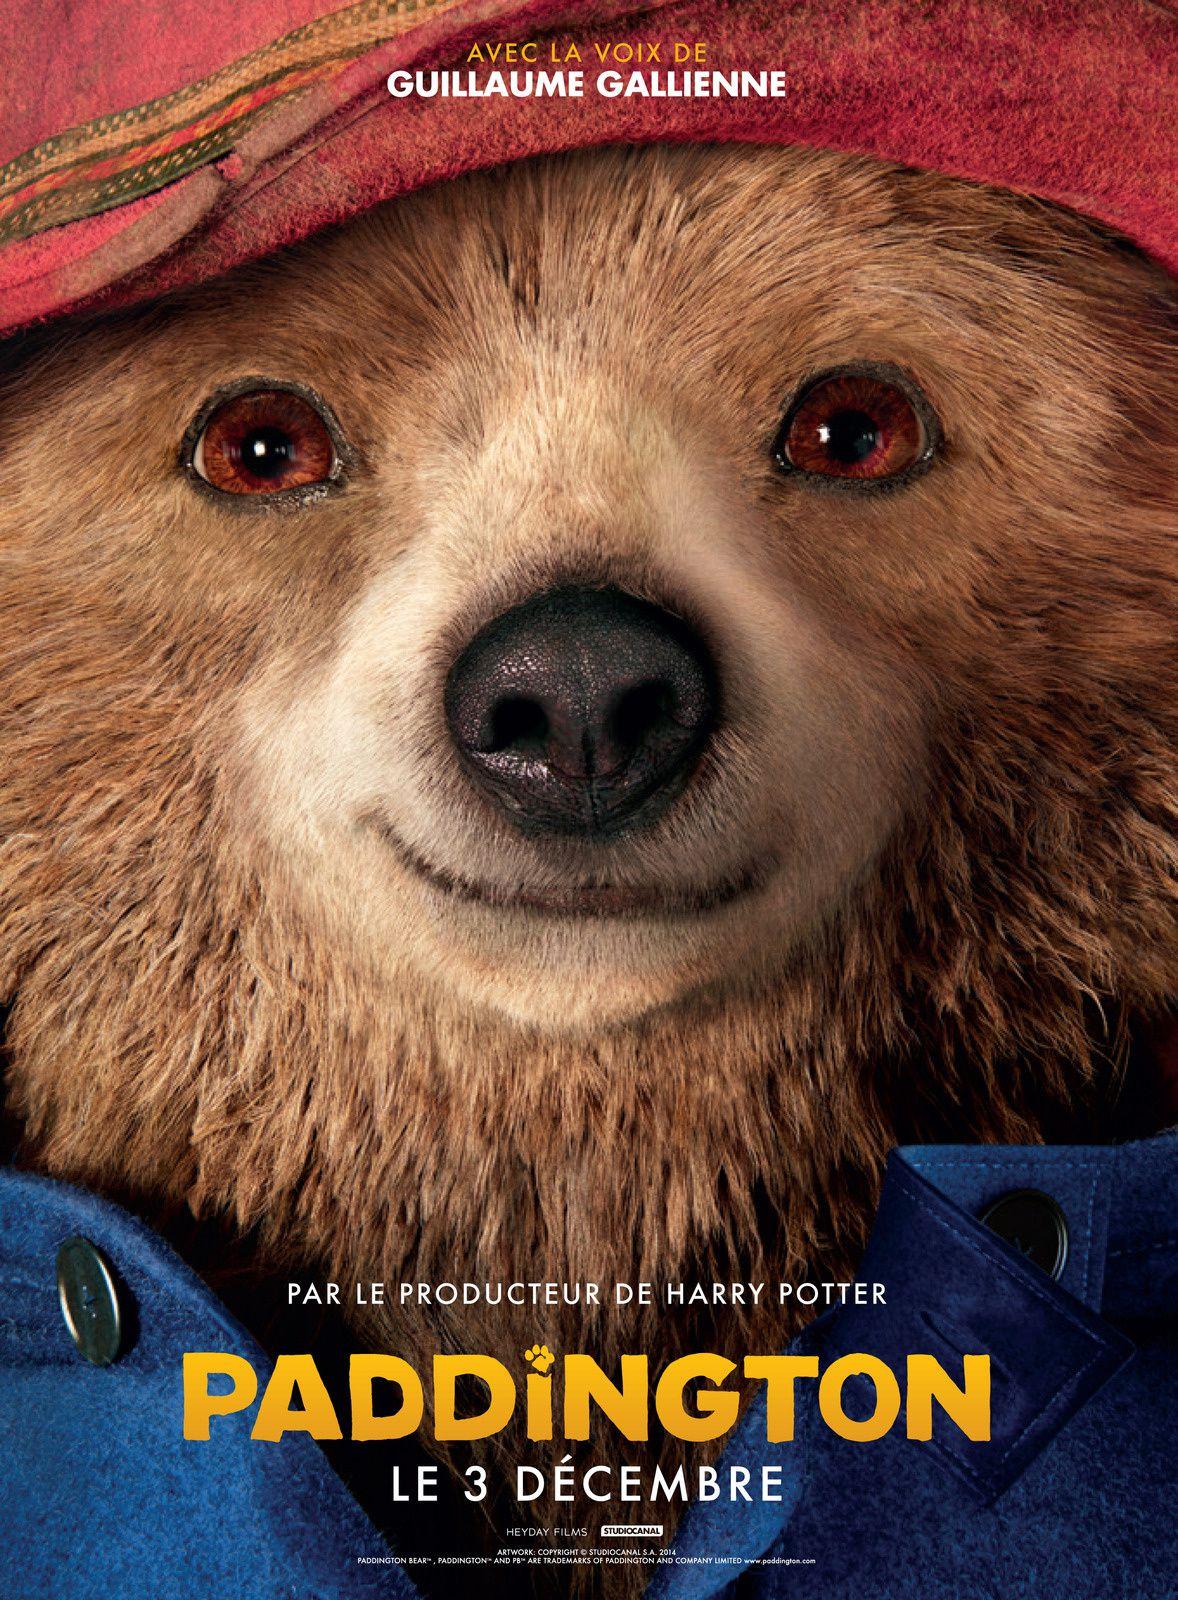 """PADDINGTON, le 3 décembre 2014 au cinéma : Participez à l'opération """"Paddington & Friends"""""""